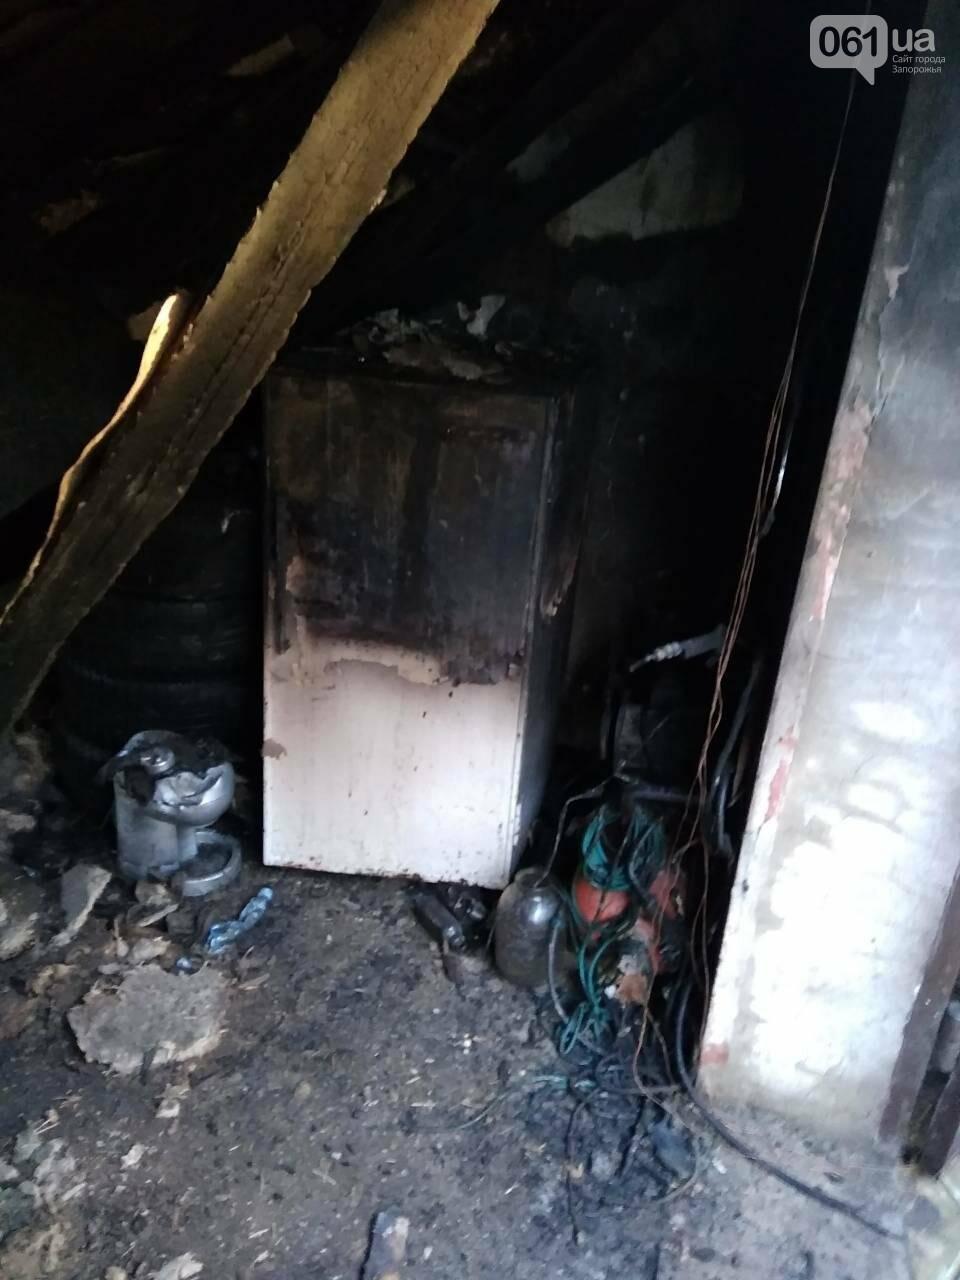 В Запорожской области за день дважды горели гаражи, - ФОТО, фото-3